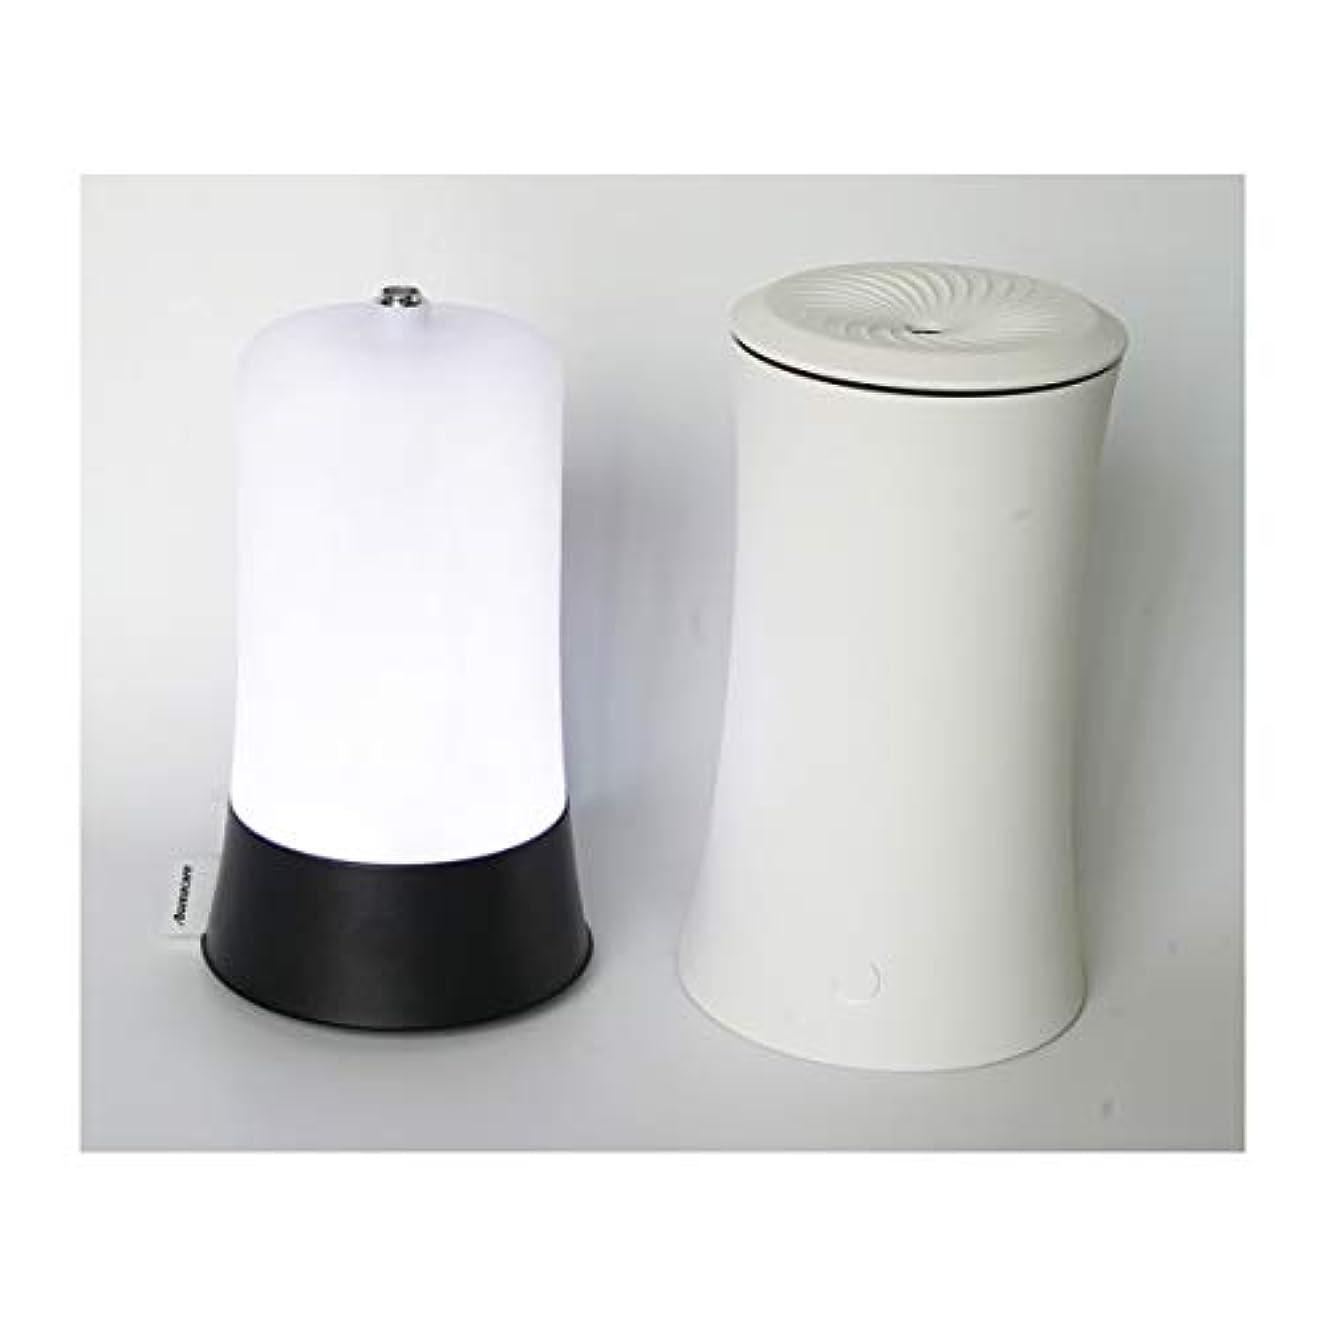 ニコチン豊富な再びウッドグレイン超音波アロマクールミスト300mlエッセンシャルオイルディフューザー、アロマ加湿器付き、水なしオートシャットオフ、7色LEDライトホームオフィス用ベビーホワイト